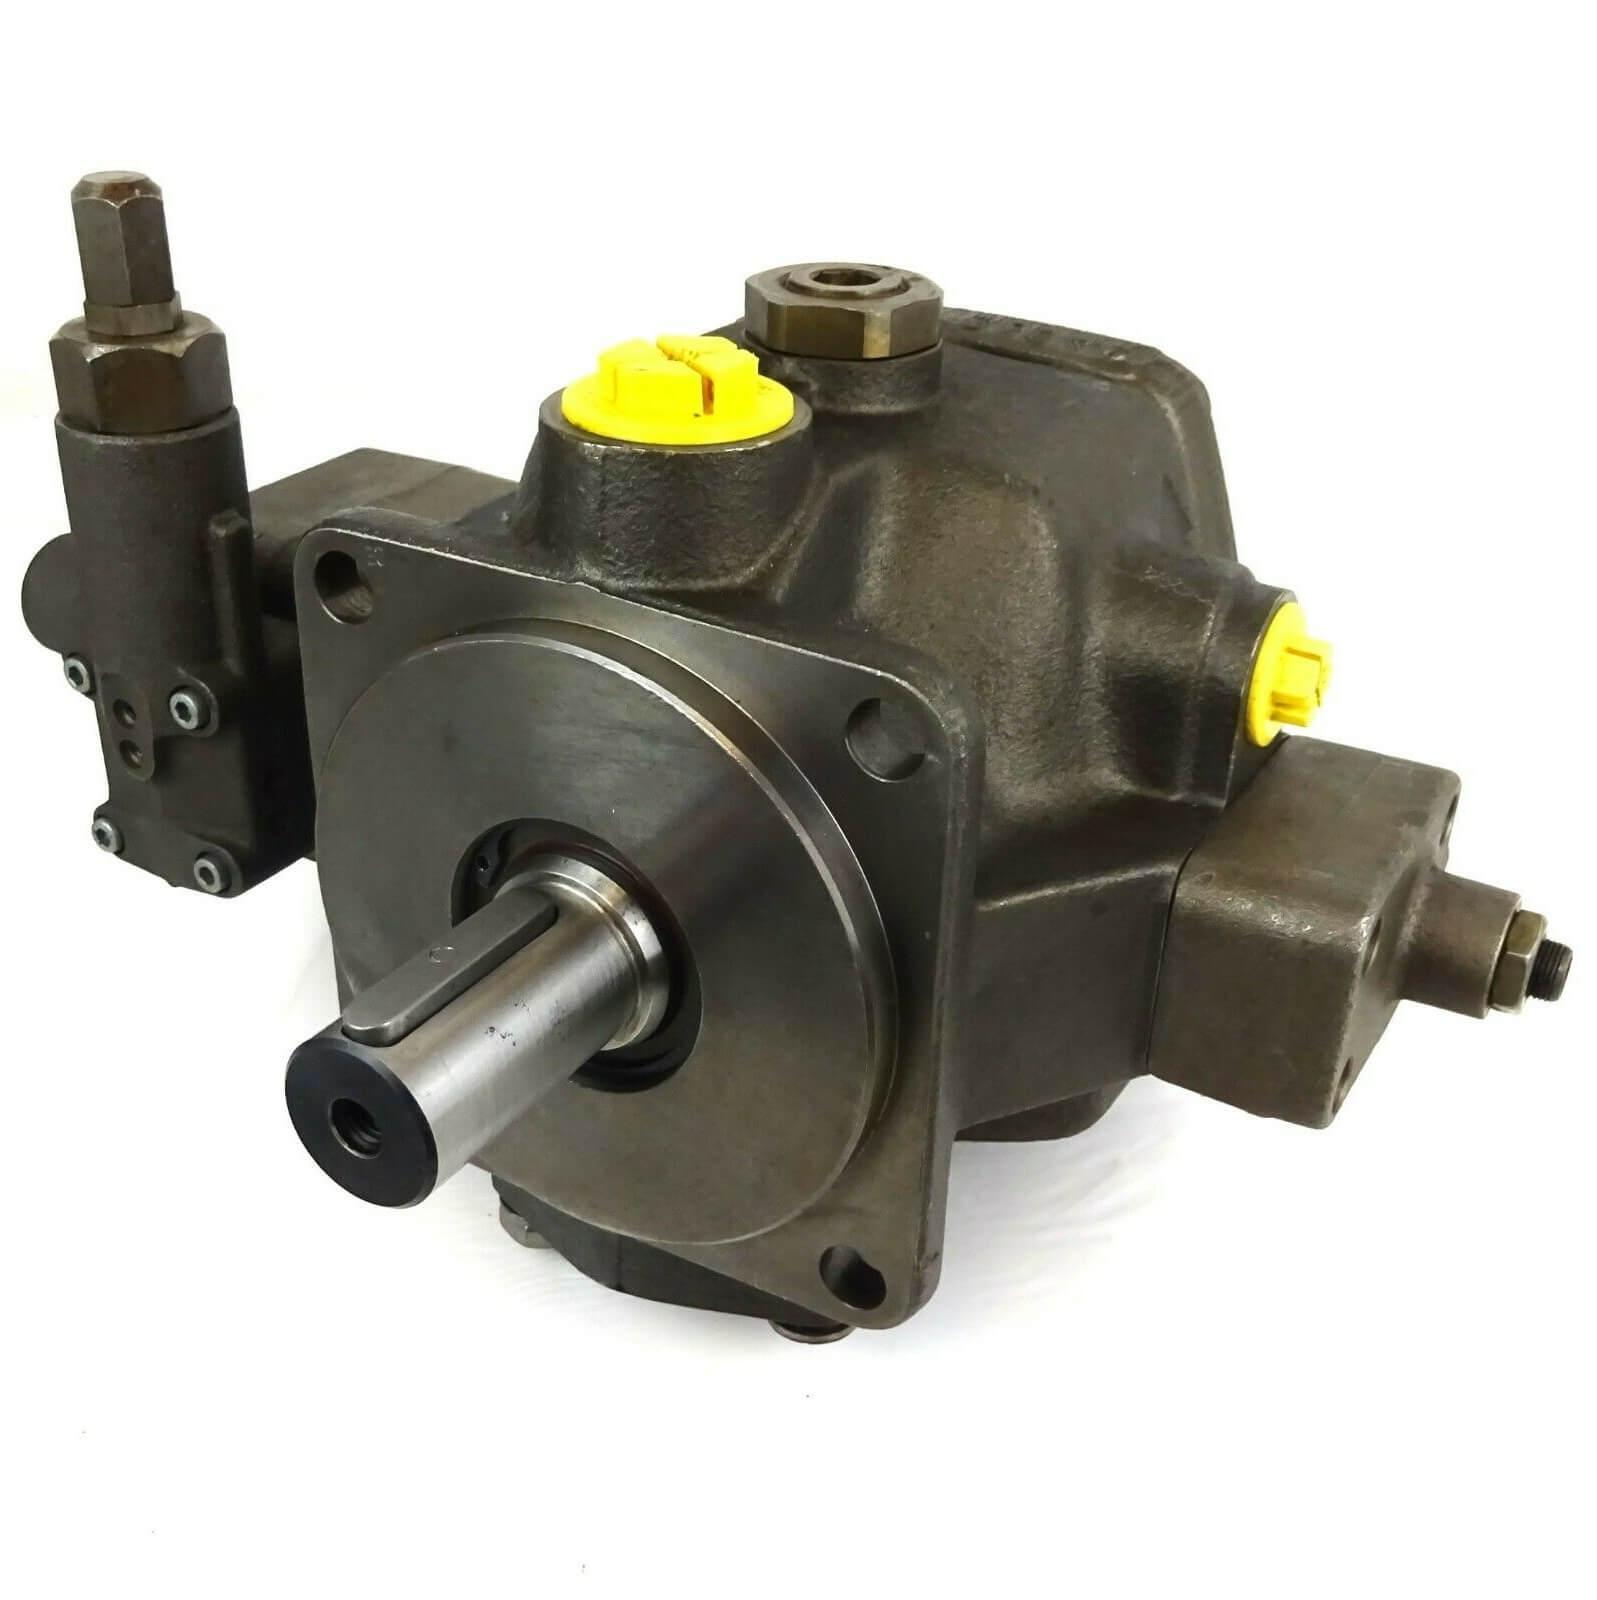 Rexroth Pumps